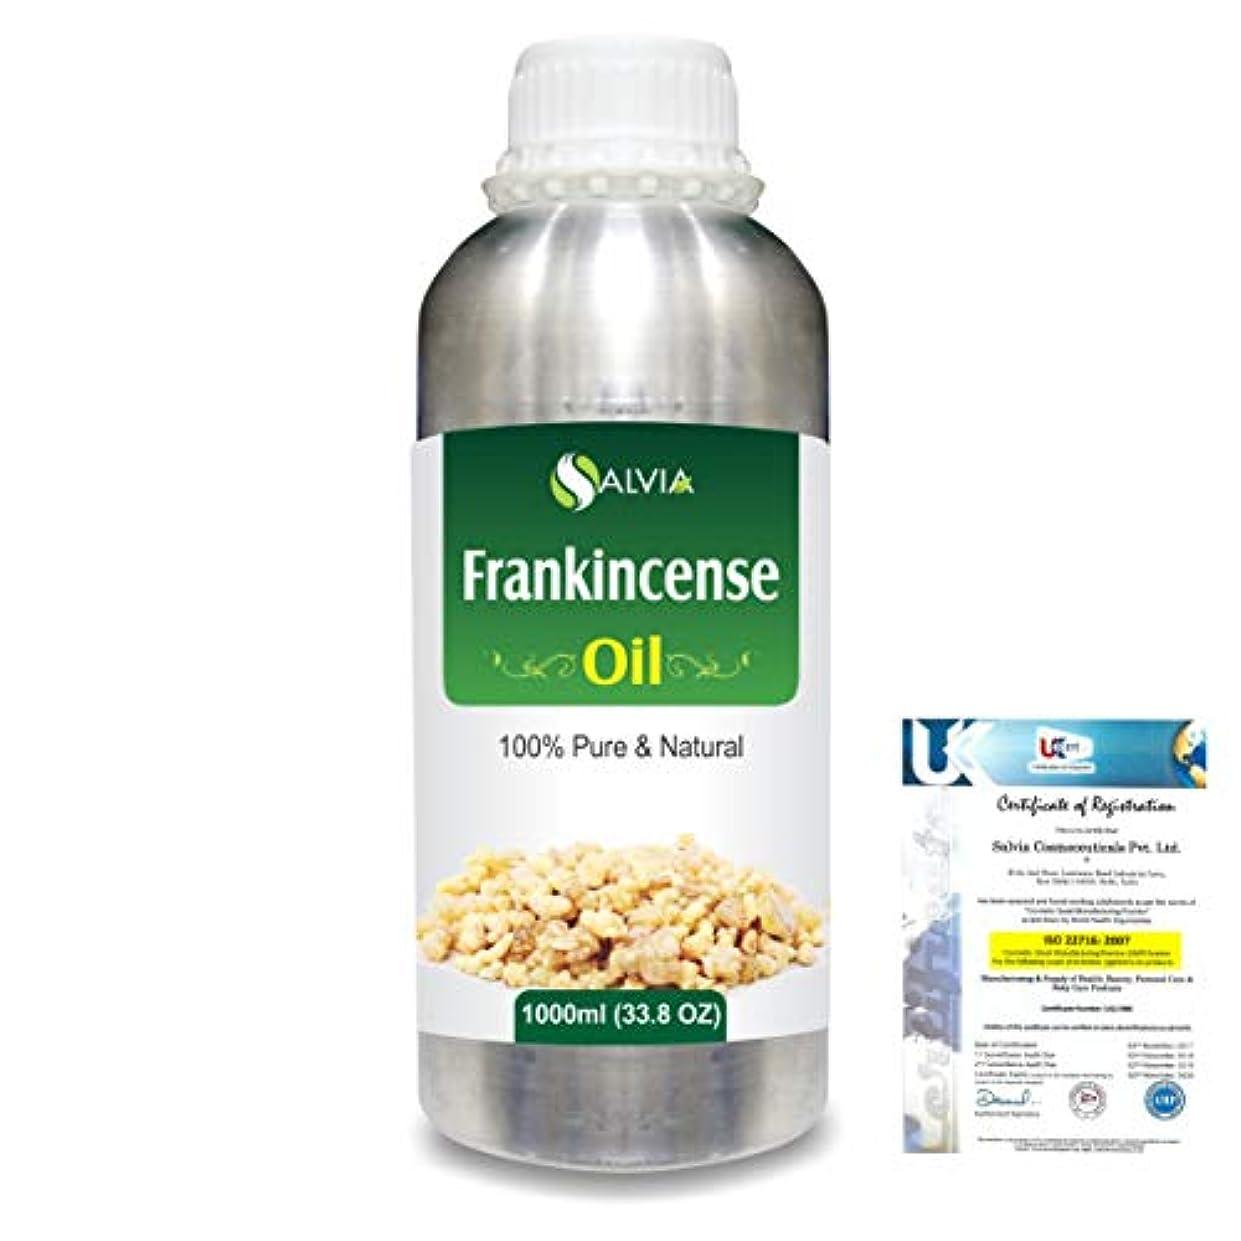 Frankincense (Boswellia carteri) 100% Natural Pure Essential Oil 1000ml/33.8fl.oz.